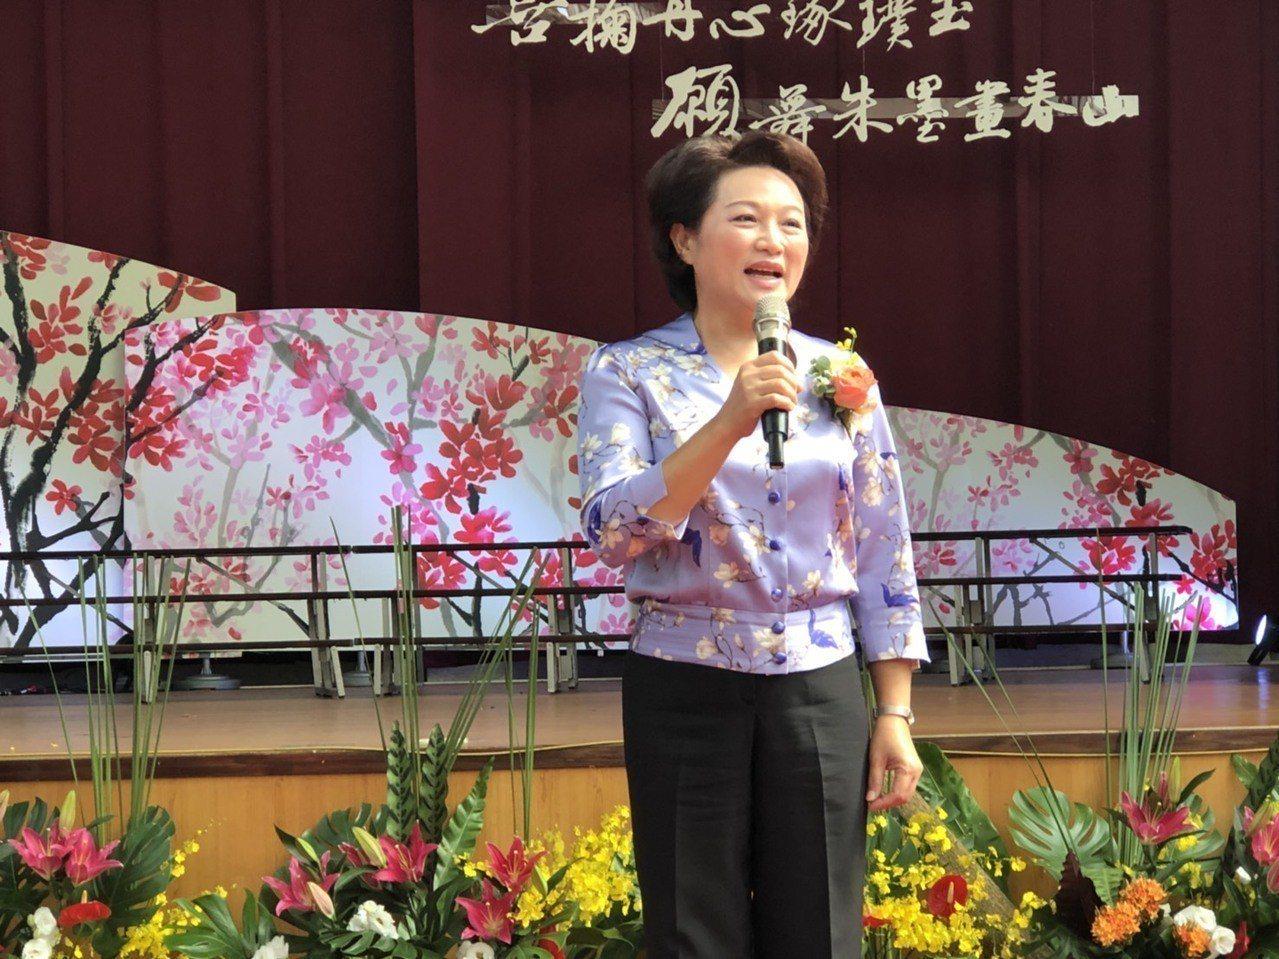 嘉義市議長蕭淑麗說,議會程序委員會是跨黨派議員一起討論決定時間,不是少數議員意見...